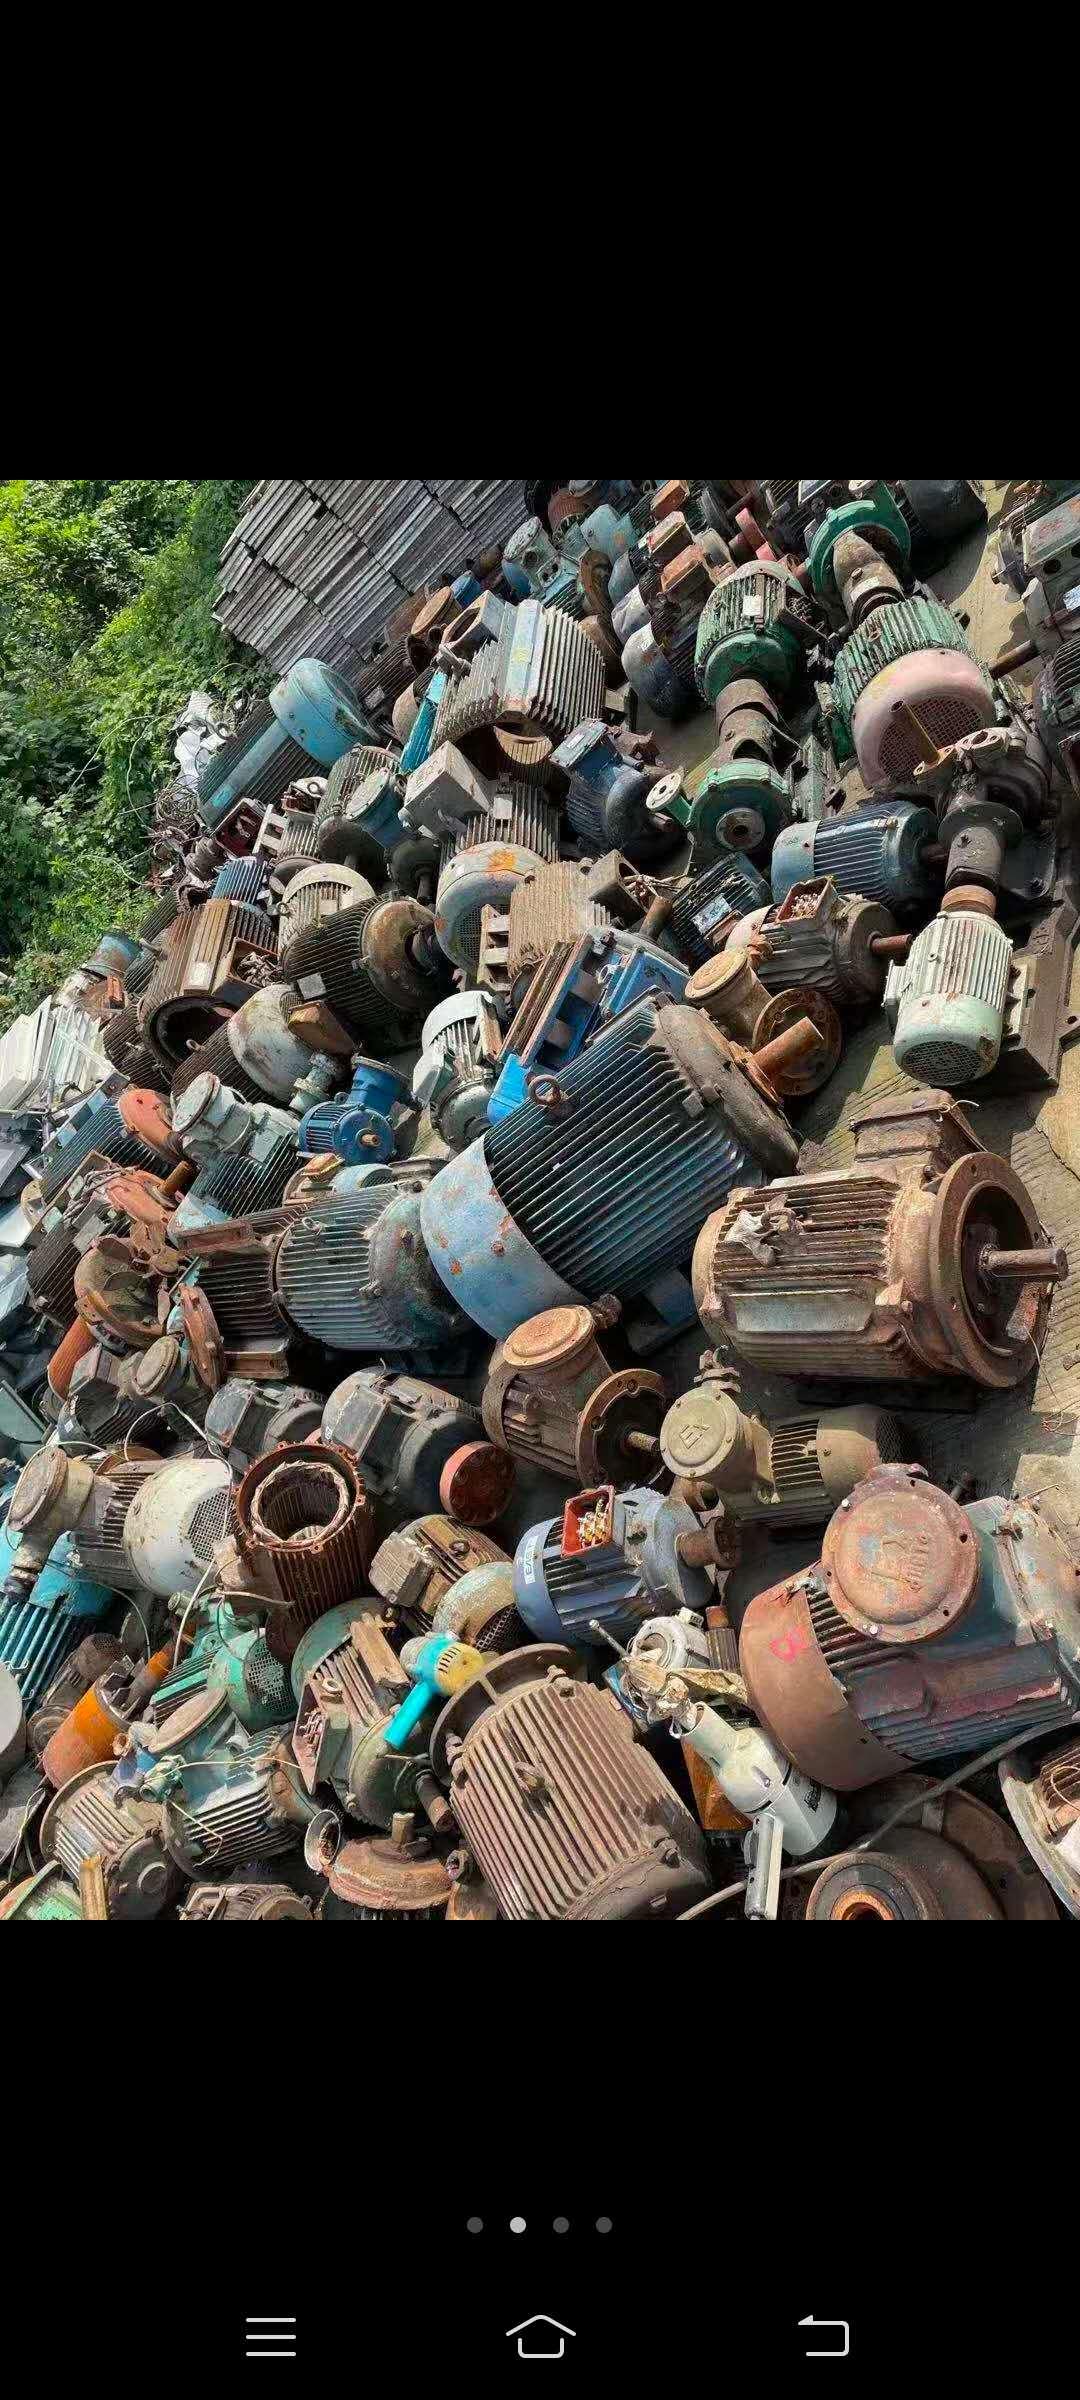 废品回收现在还超级好挣钱?这个误解有点深—常州废品回收